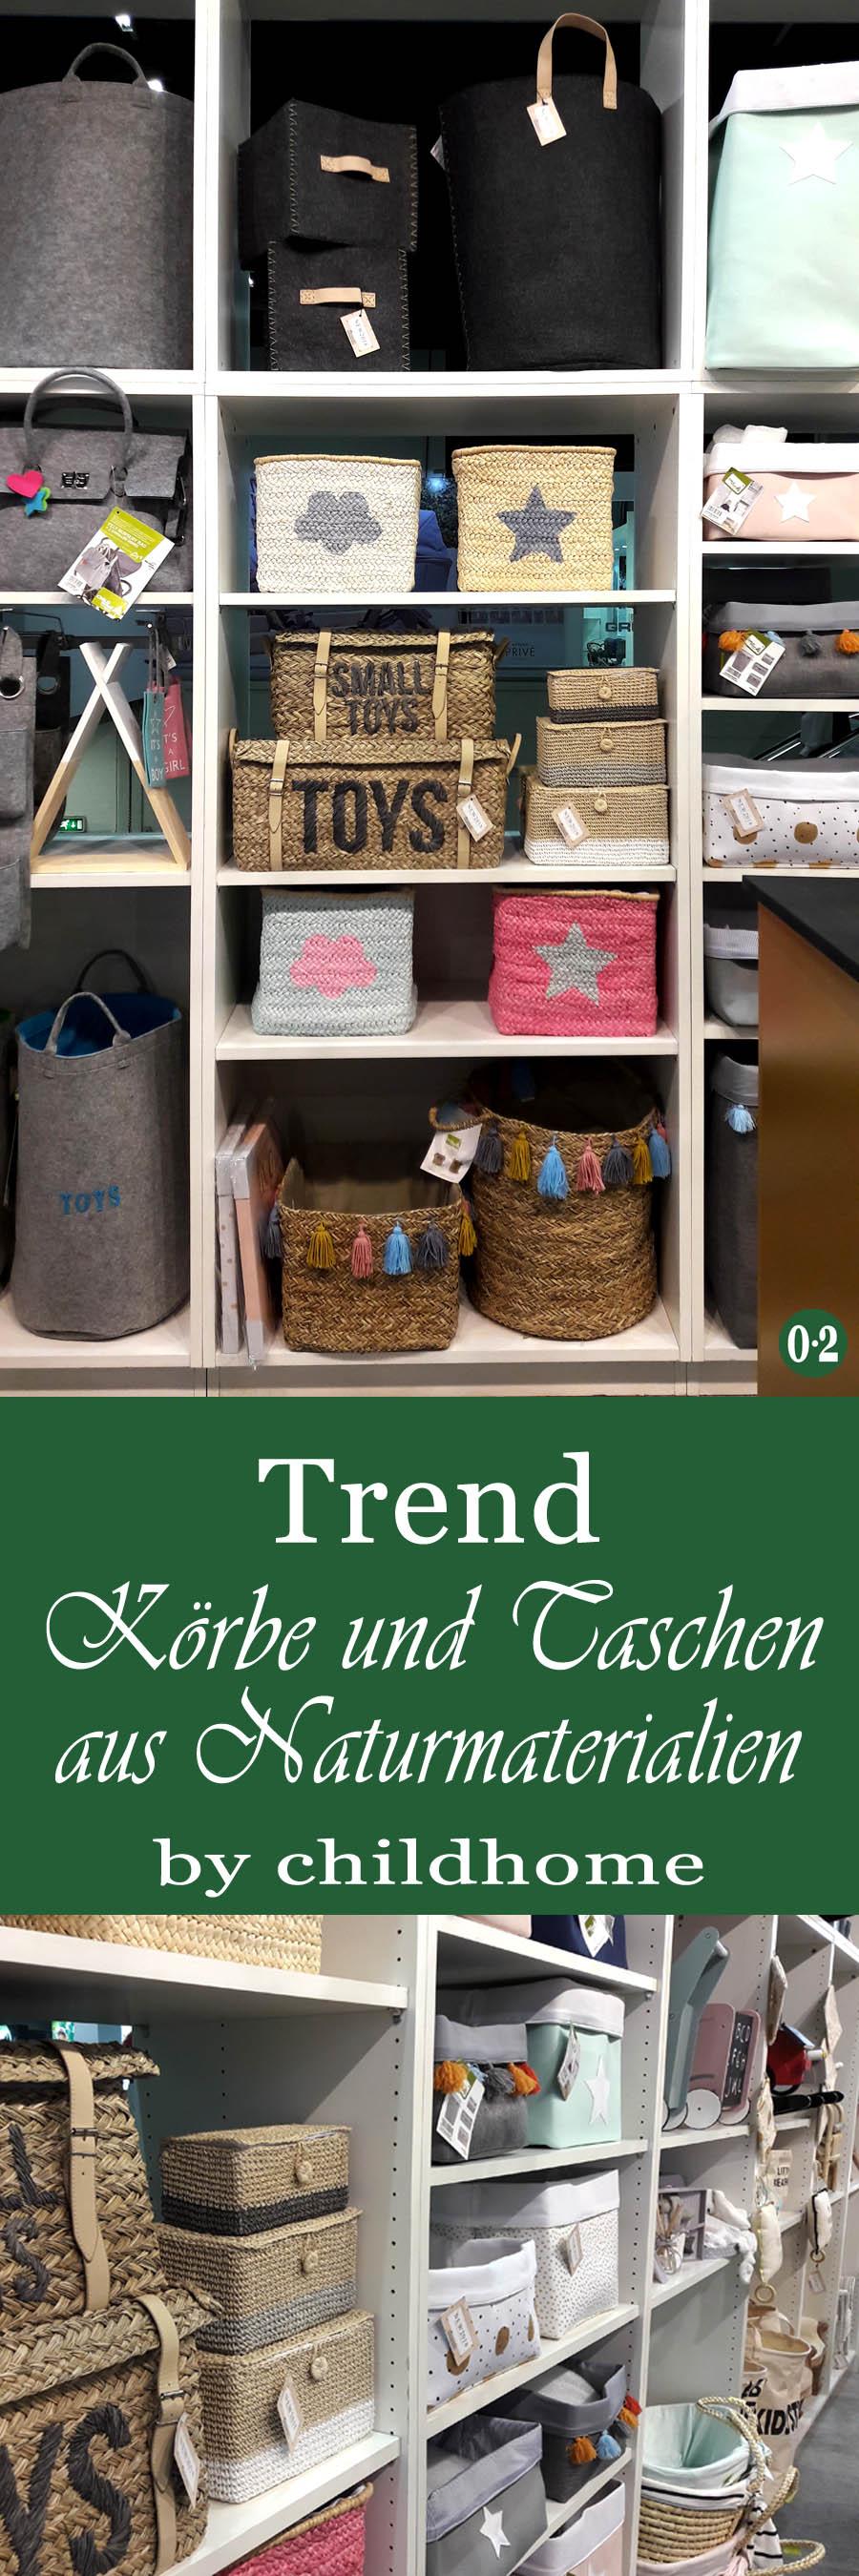 Kinderzimmertrends 2018: Körbe und Taschen aus Naturmaterialien zur Aufbewahrung | www.nullpunktzwo.de